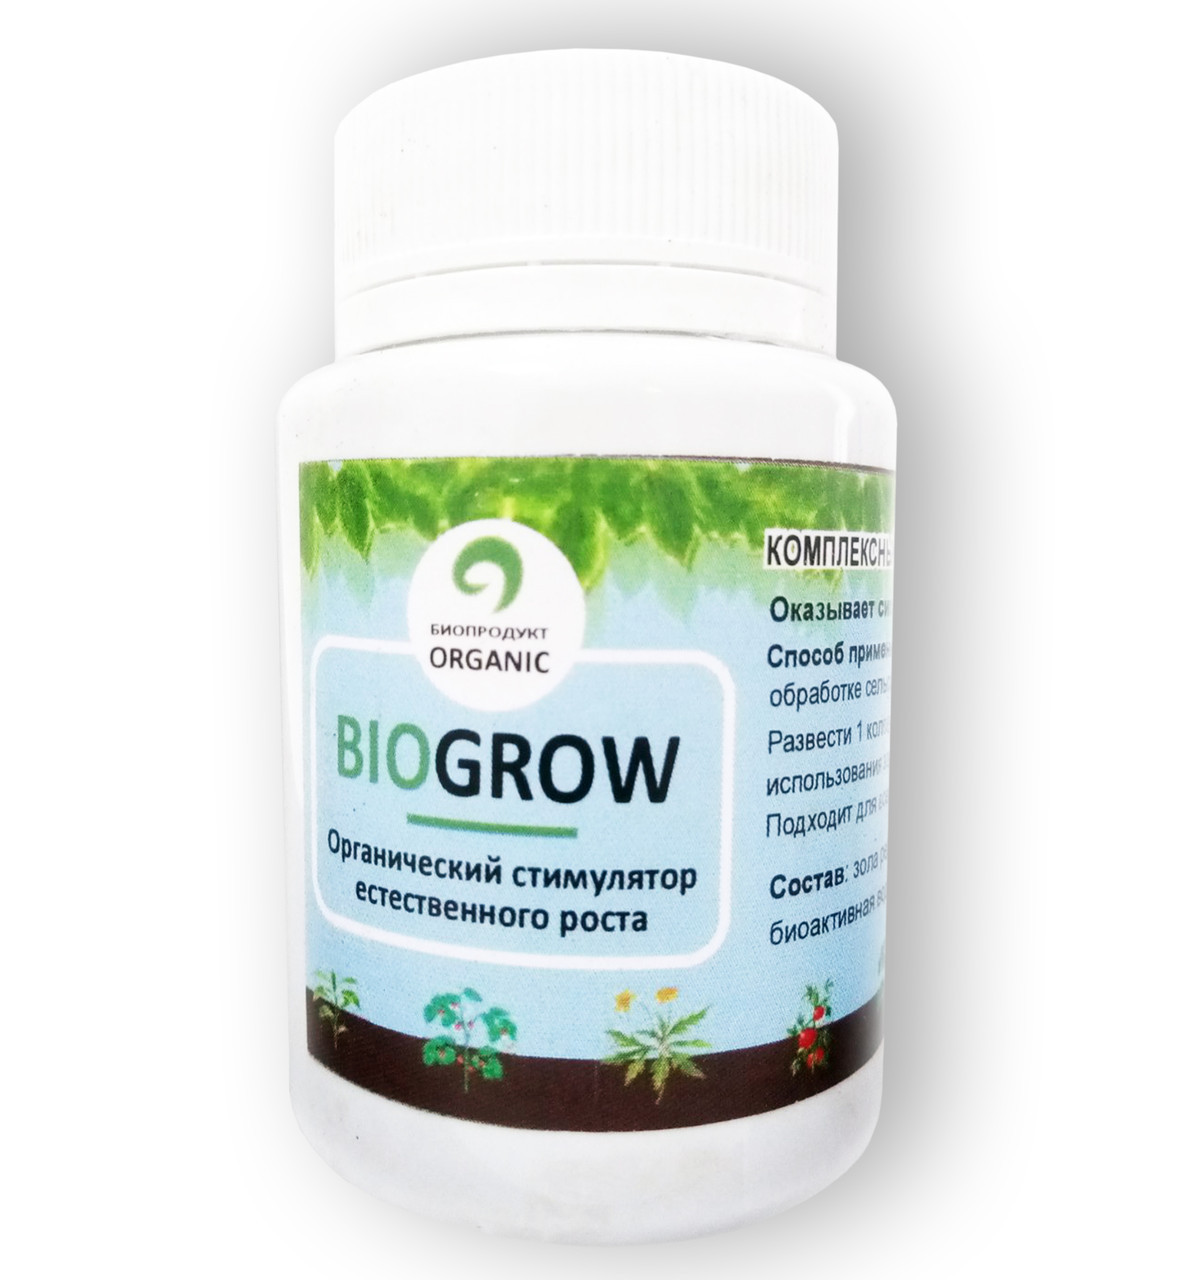 Biogrow (БиоГроу) - Биоактиватор для стимулирования растений ГРАНУЛЛИРОВАНЫЙ